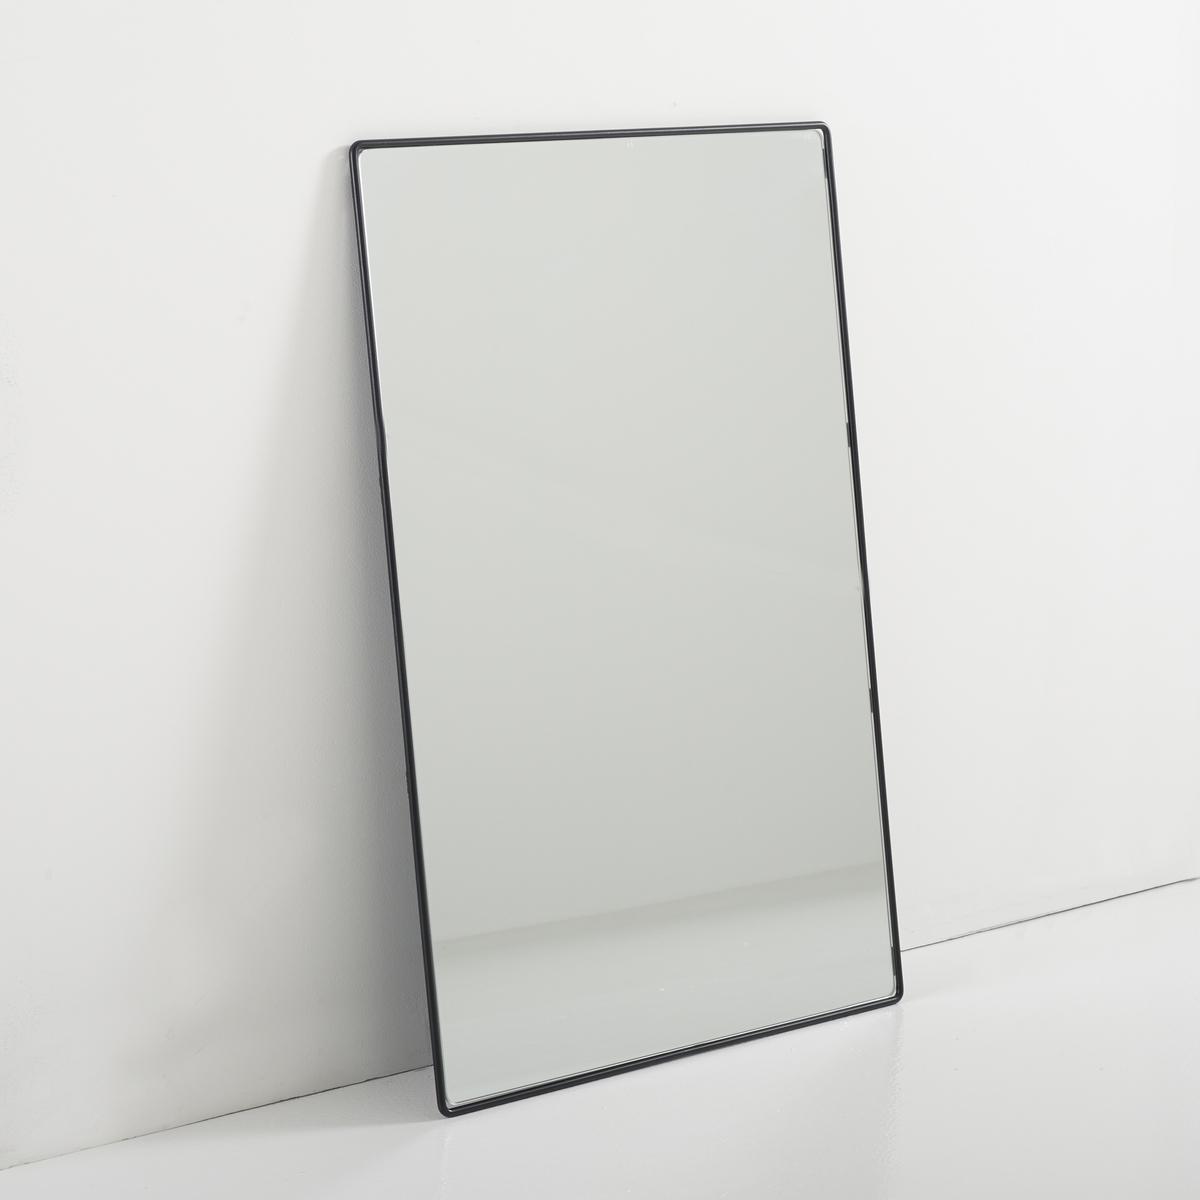 Зеркало BertilieЗеркало будет завершающим штрихом для блестящей отделки Вашего декора!Описание зеркала Bertilie:Зеркало прямоугольной формы.Характеристики зеркала Bertilie:Каркас из проволочного металла, отделка эпоксидной краской черного или белого цвета.Другие оригинальные предметы декора - на laredoute.ru.Размеры зеркала Bertilie:Ш.60 x В.90 x Г.1,6 см, 8,32 кг.Размер и вес с упаковкой:1 упаковка.Ш.67,5 x В.100 x Г.7 см, 10,22 кг.<br><br>Цвет: черный